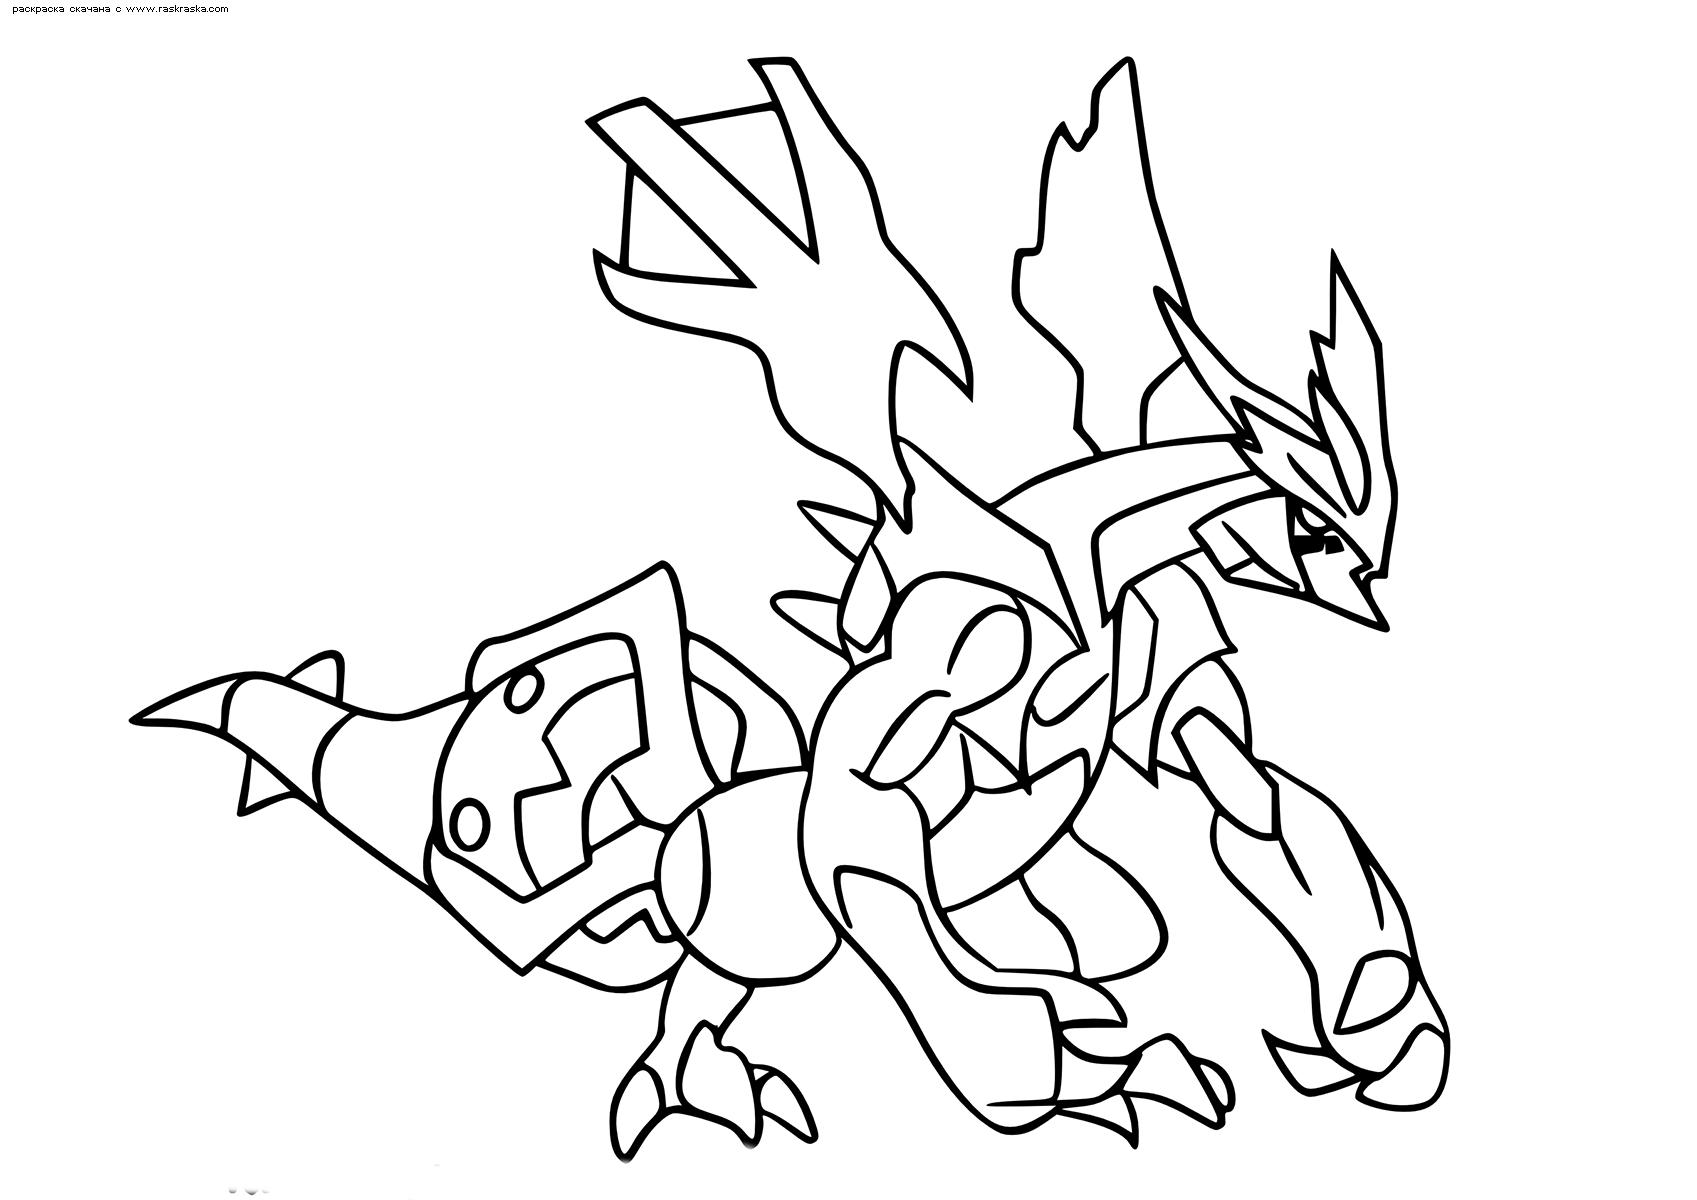 Раскраска Легендарный покемон Кюрем (Kyurem). Раскраска Покемон